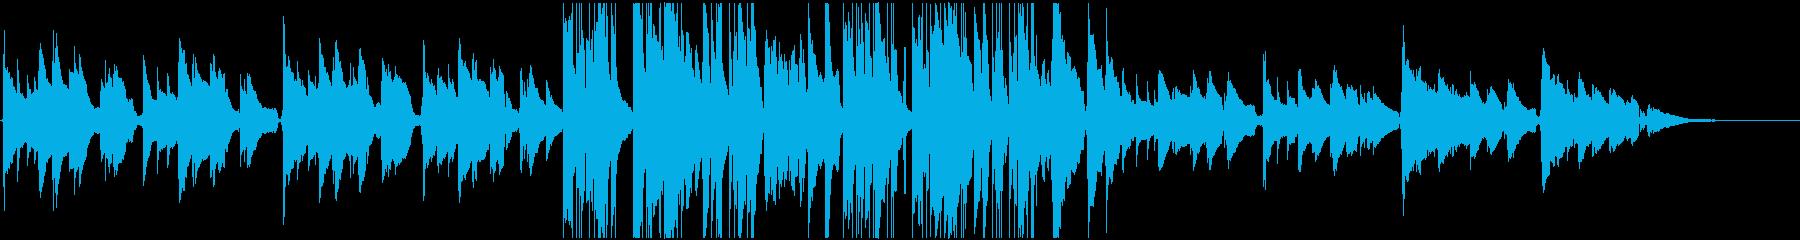 アコギとピアノのお洒落なジャズBGMの再生済みの波形